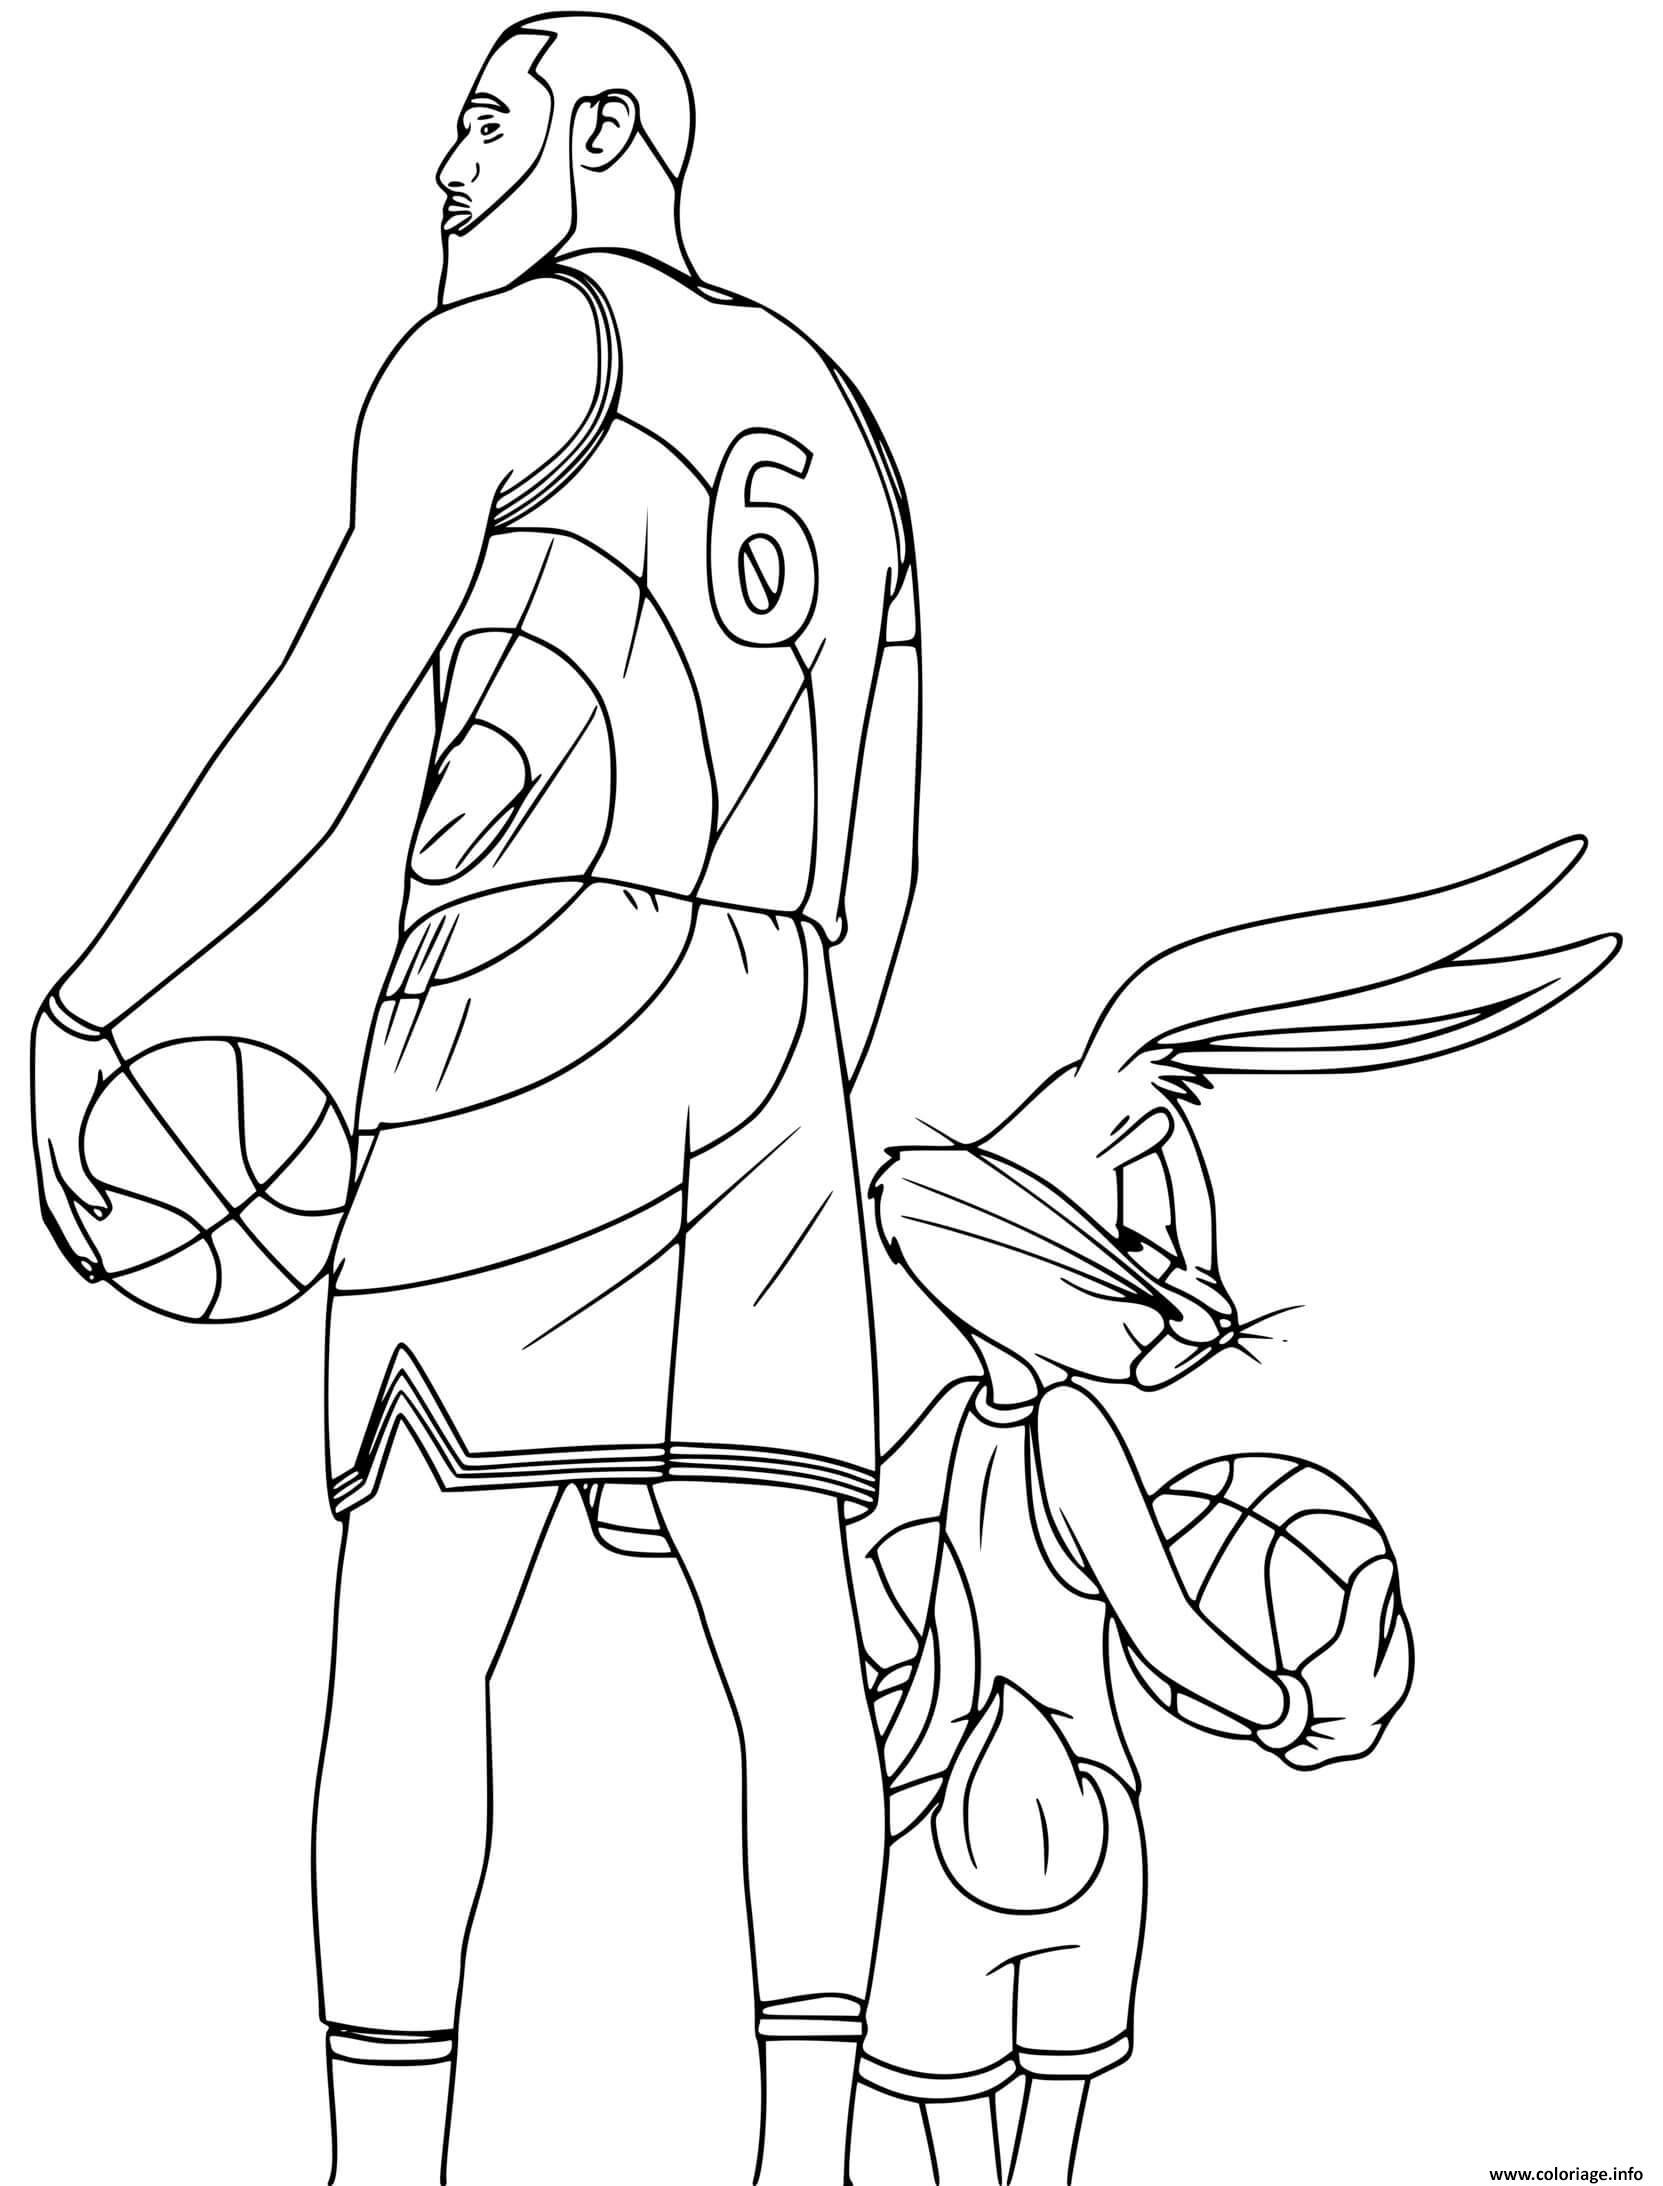 Dessin Nouveau film Space Jam 2 LeBron James et Bugs Bunny Coloriage Gratuit à Imprimer